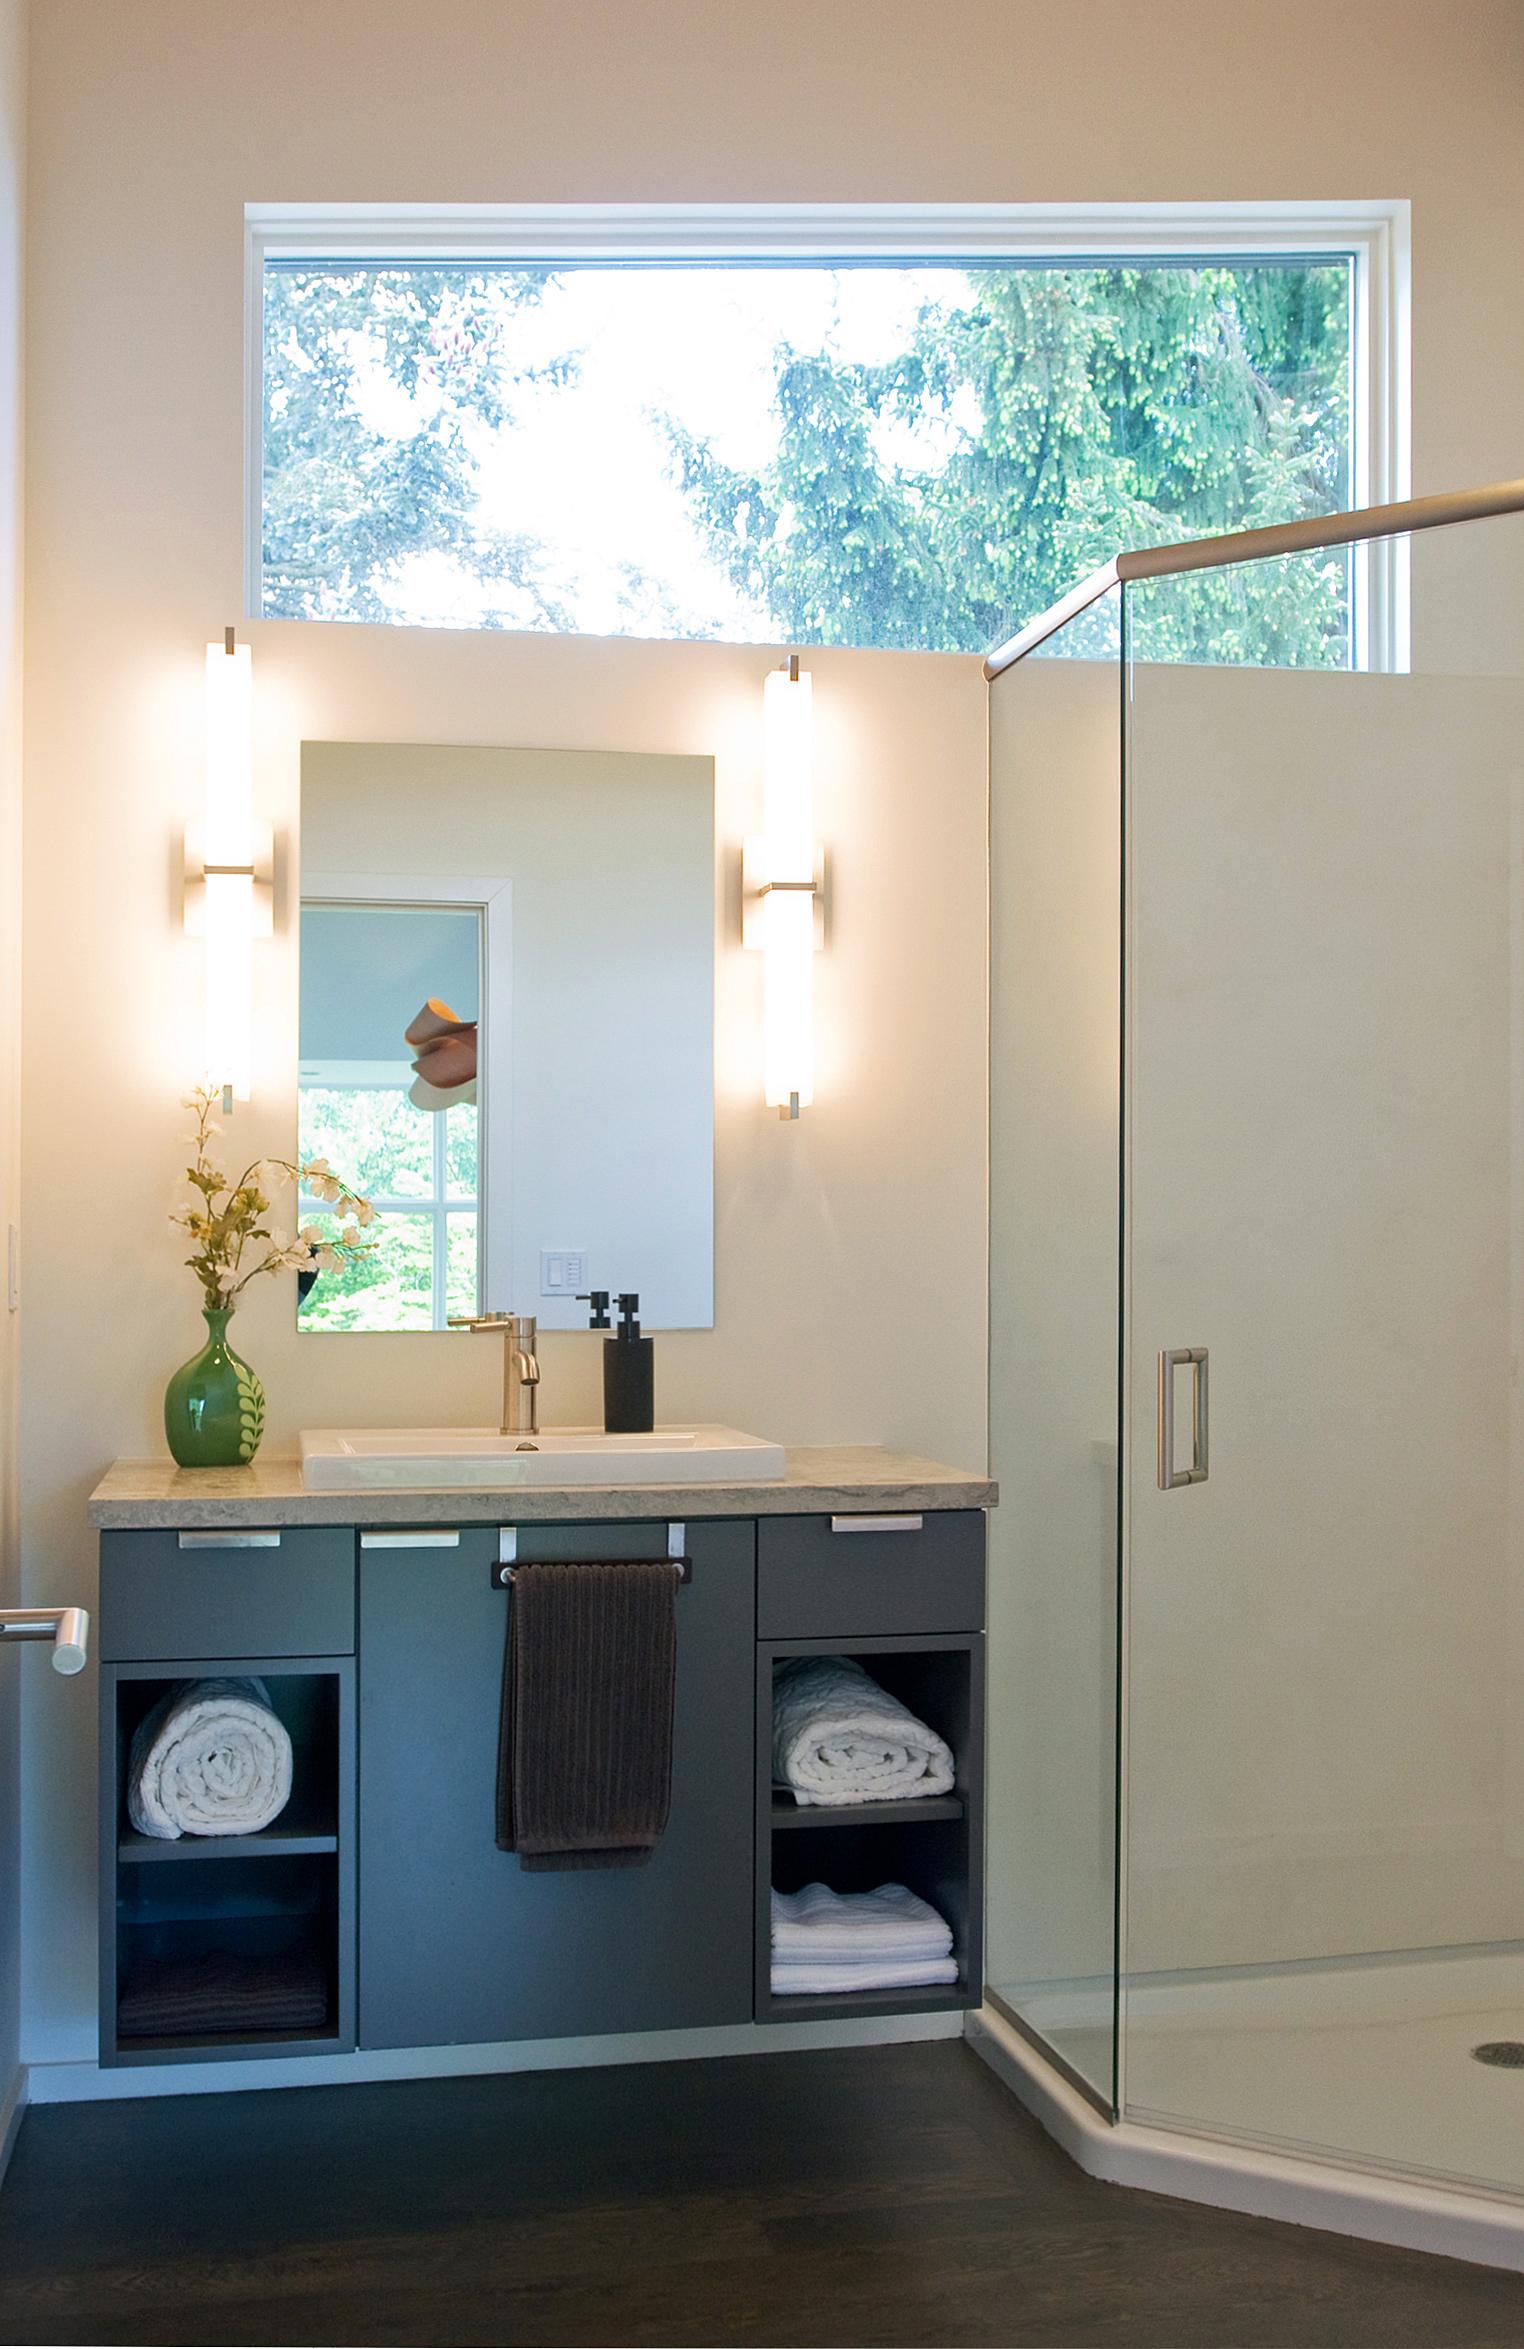 Mercer Island Contemporary Home - Bathroom